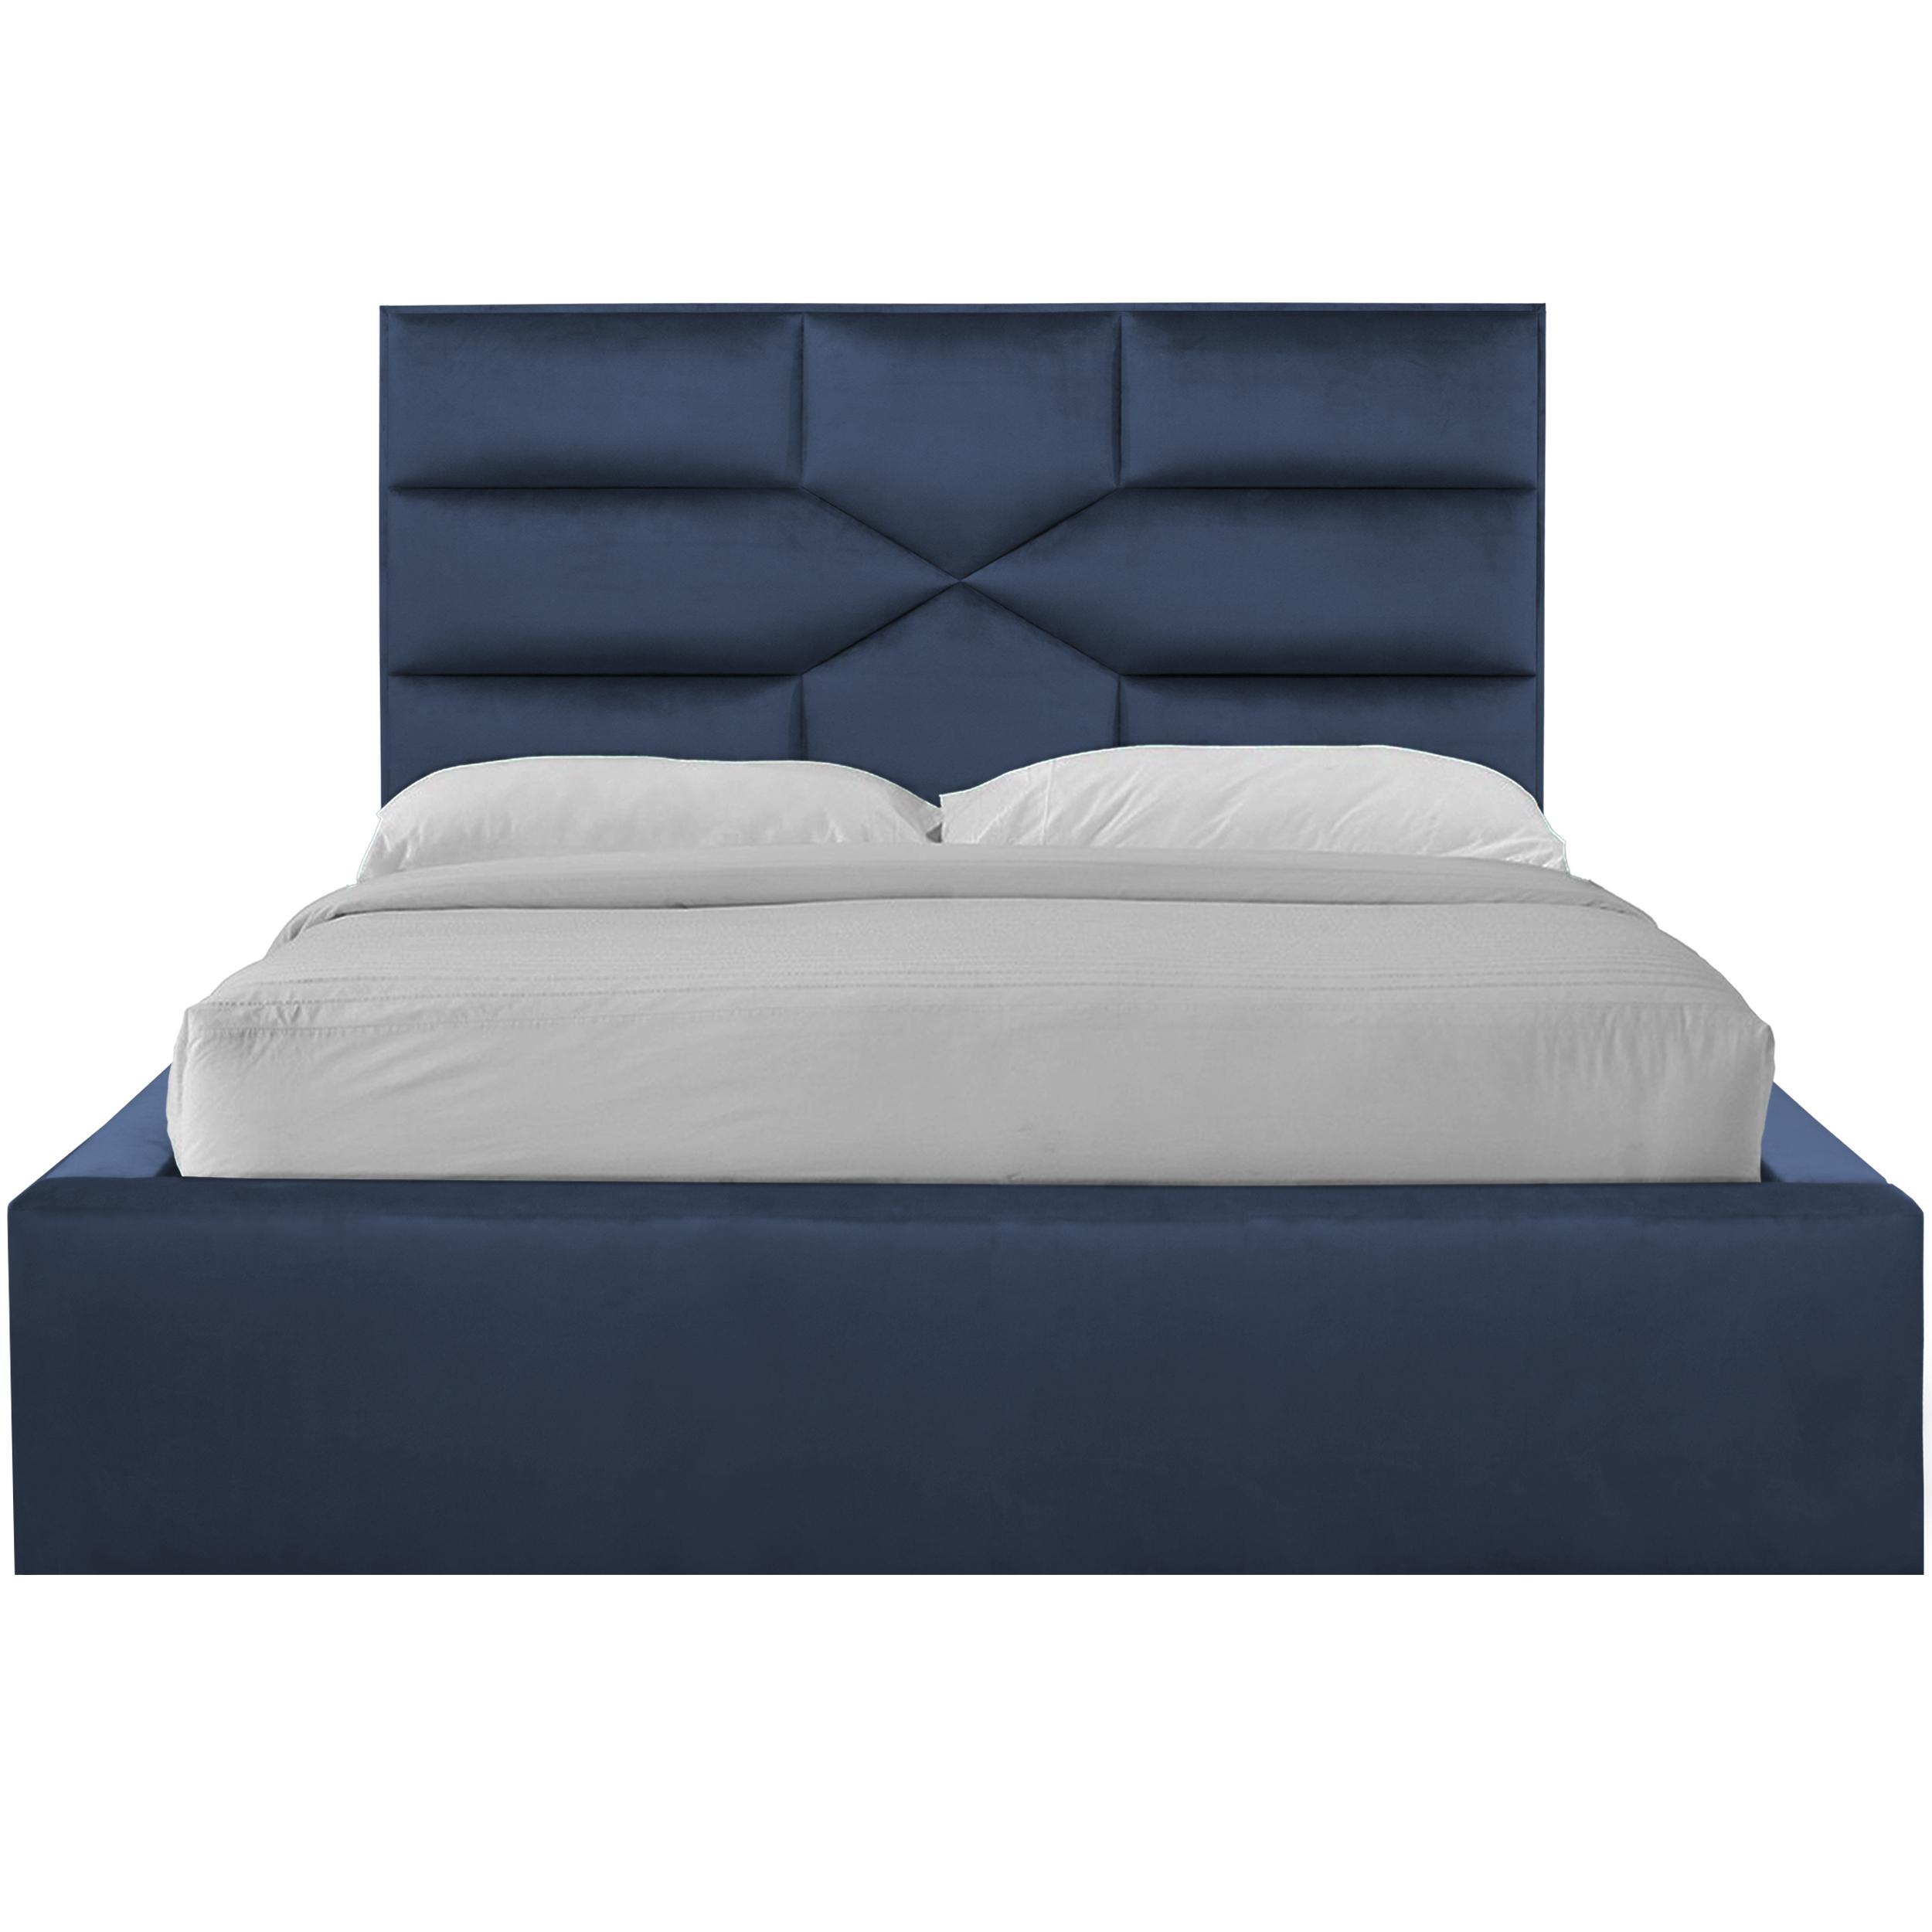 تخت خواب دونفره مدل دیاموند سایز 160×200 سانتی متر